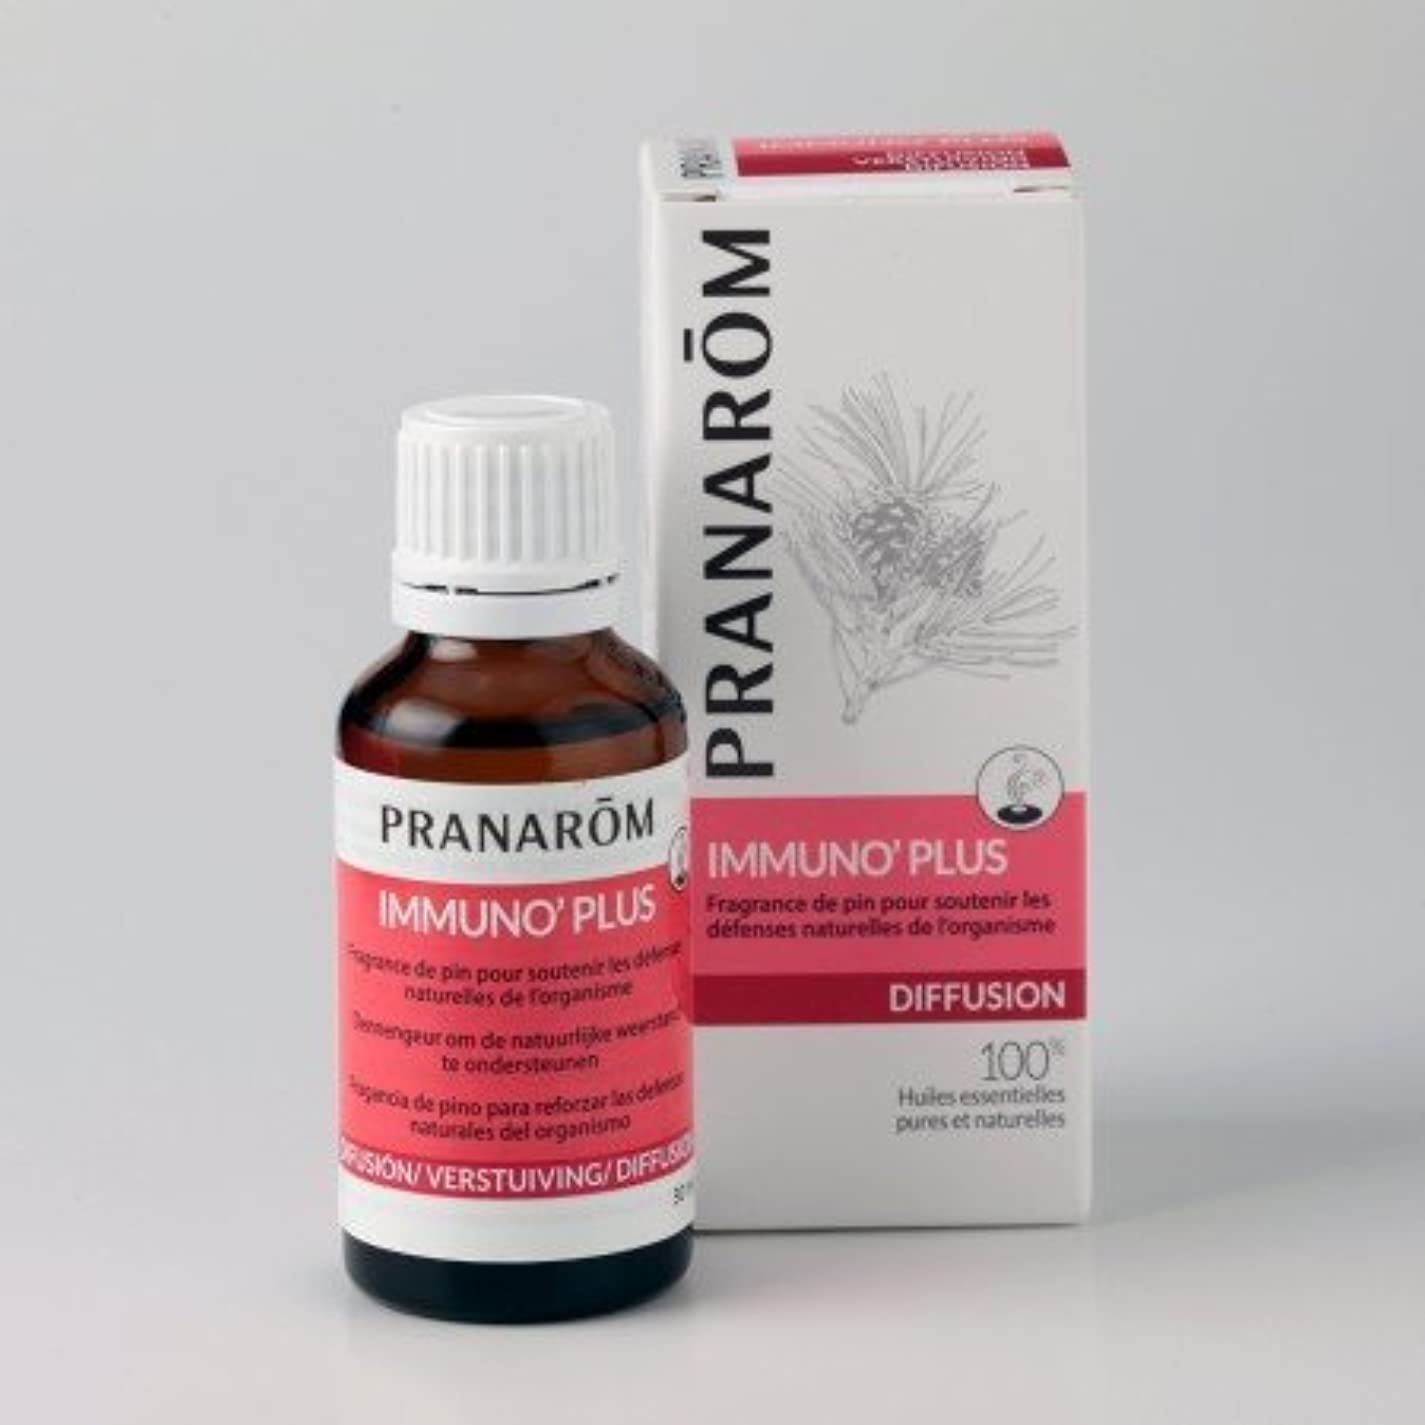 意識一定挽くプラナロム (PRANAROM) ルームコロン パワーアップ&チアアップ イミュノプラス 30ml 02589 エアフレッシュナー (芳香剤)